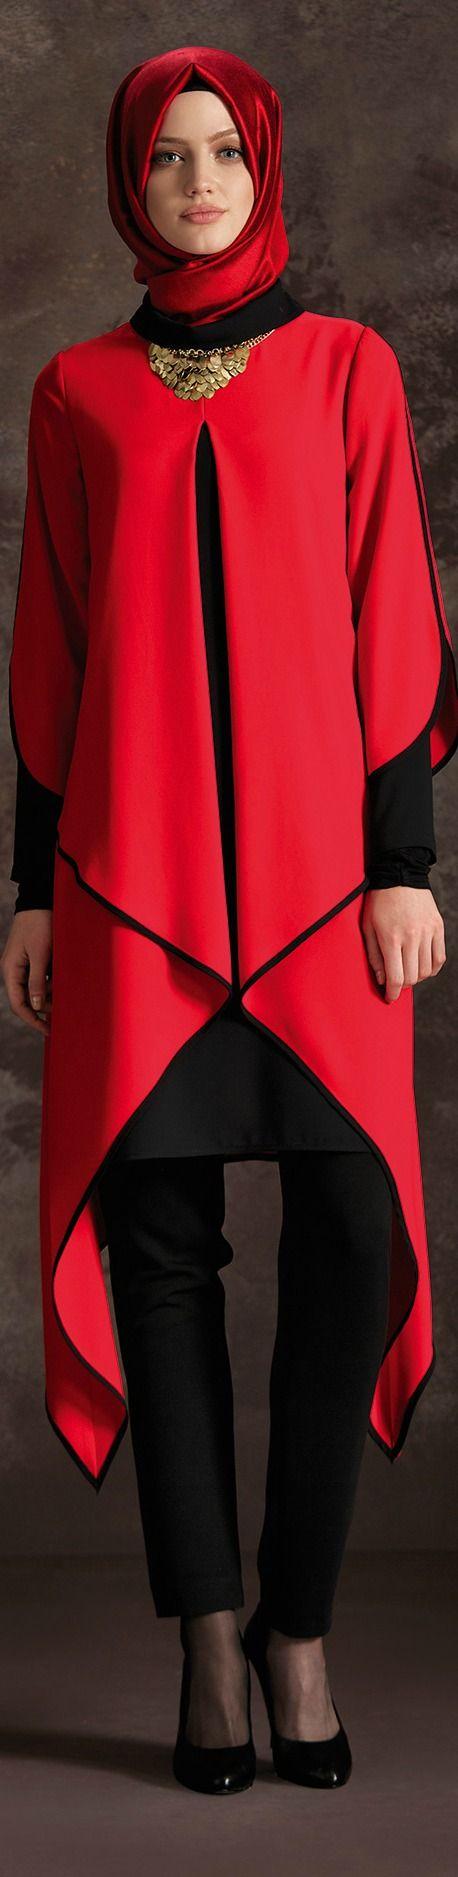 Tuğba Kırmızı Tunik Modeli